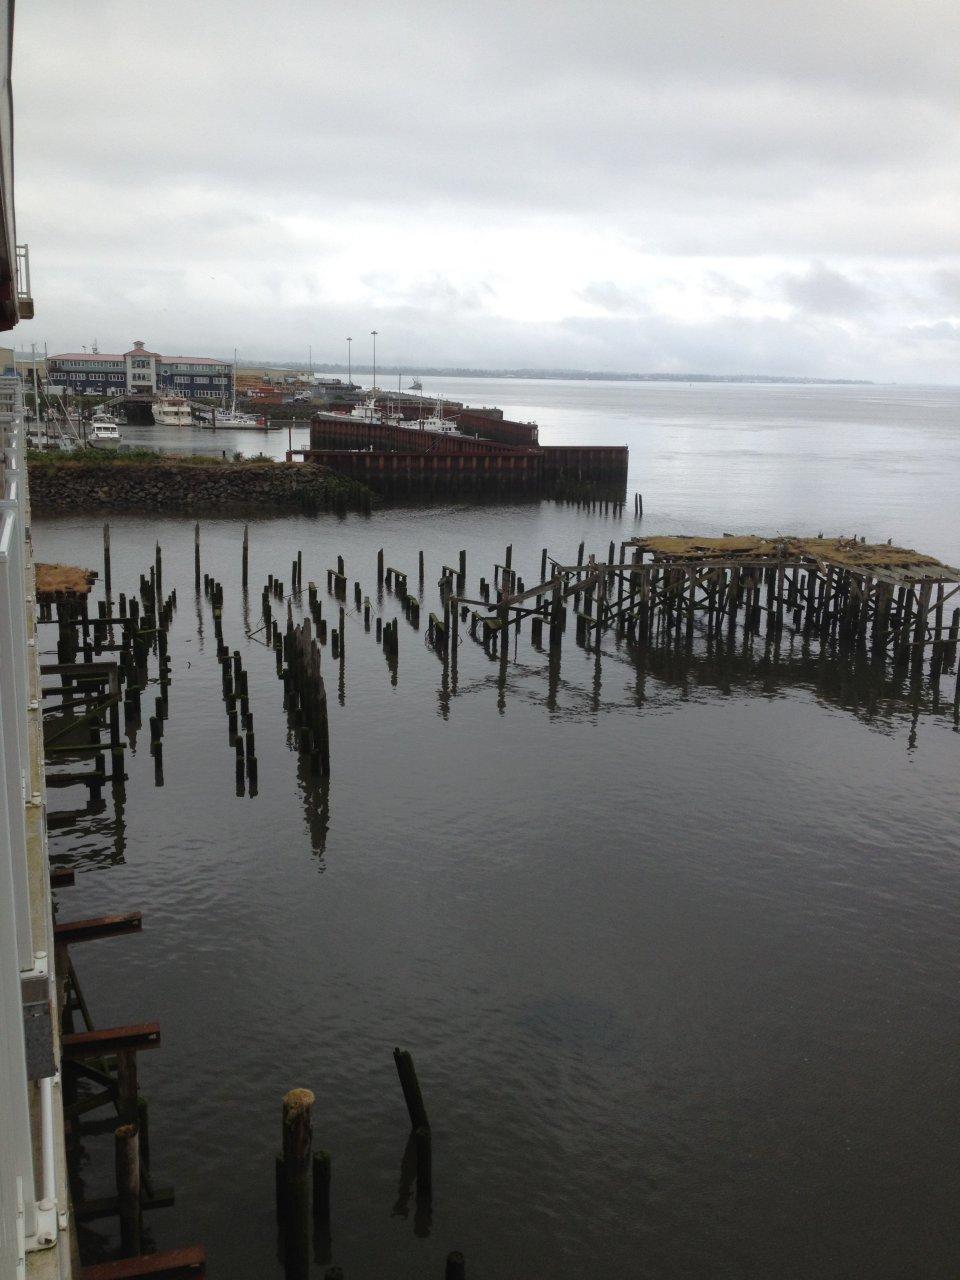 Empty pilings